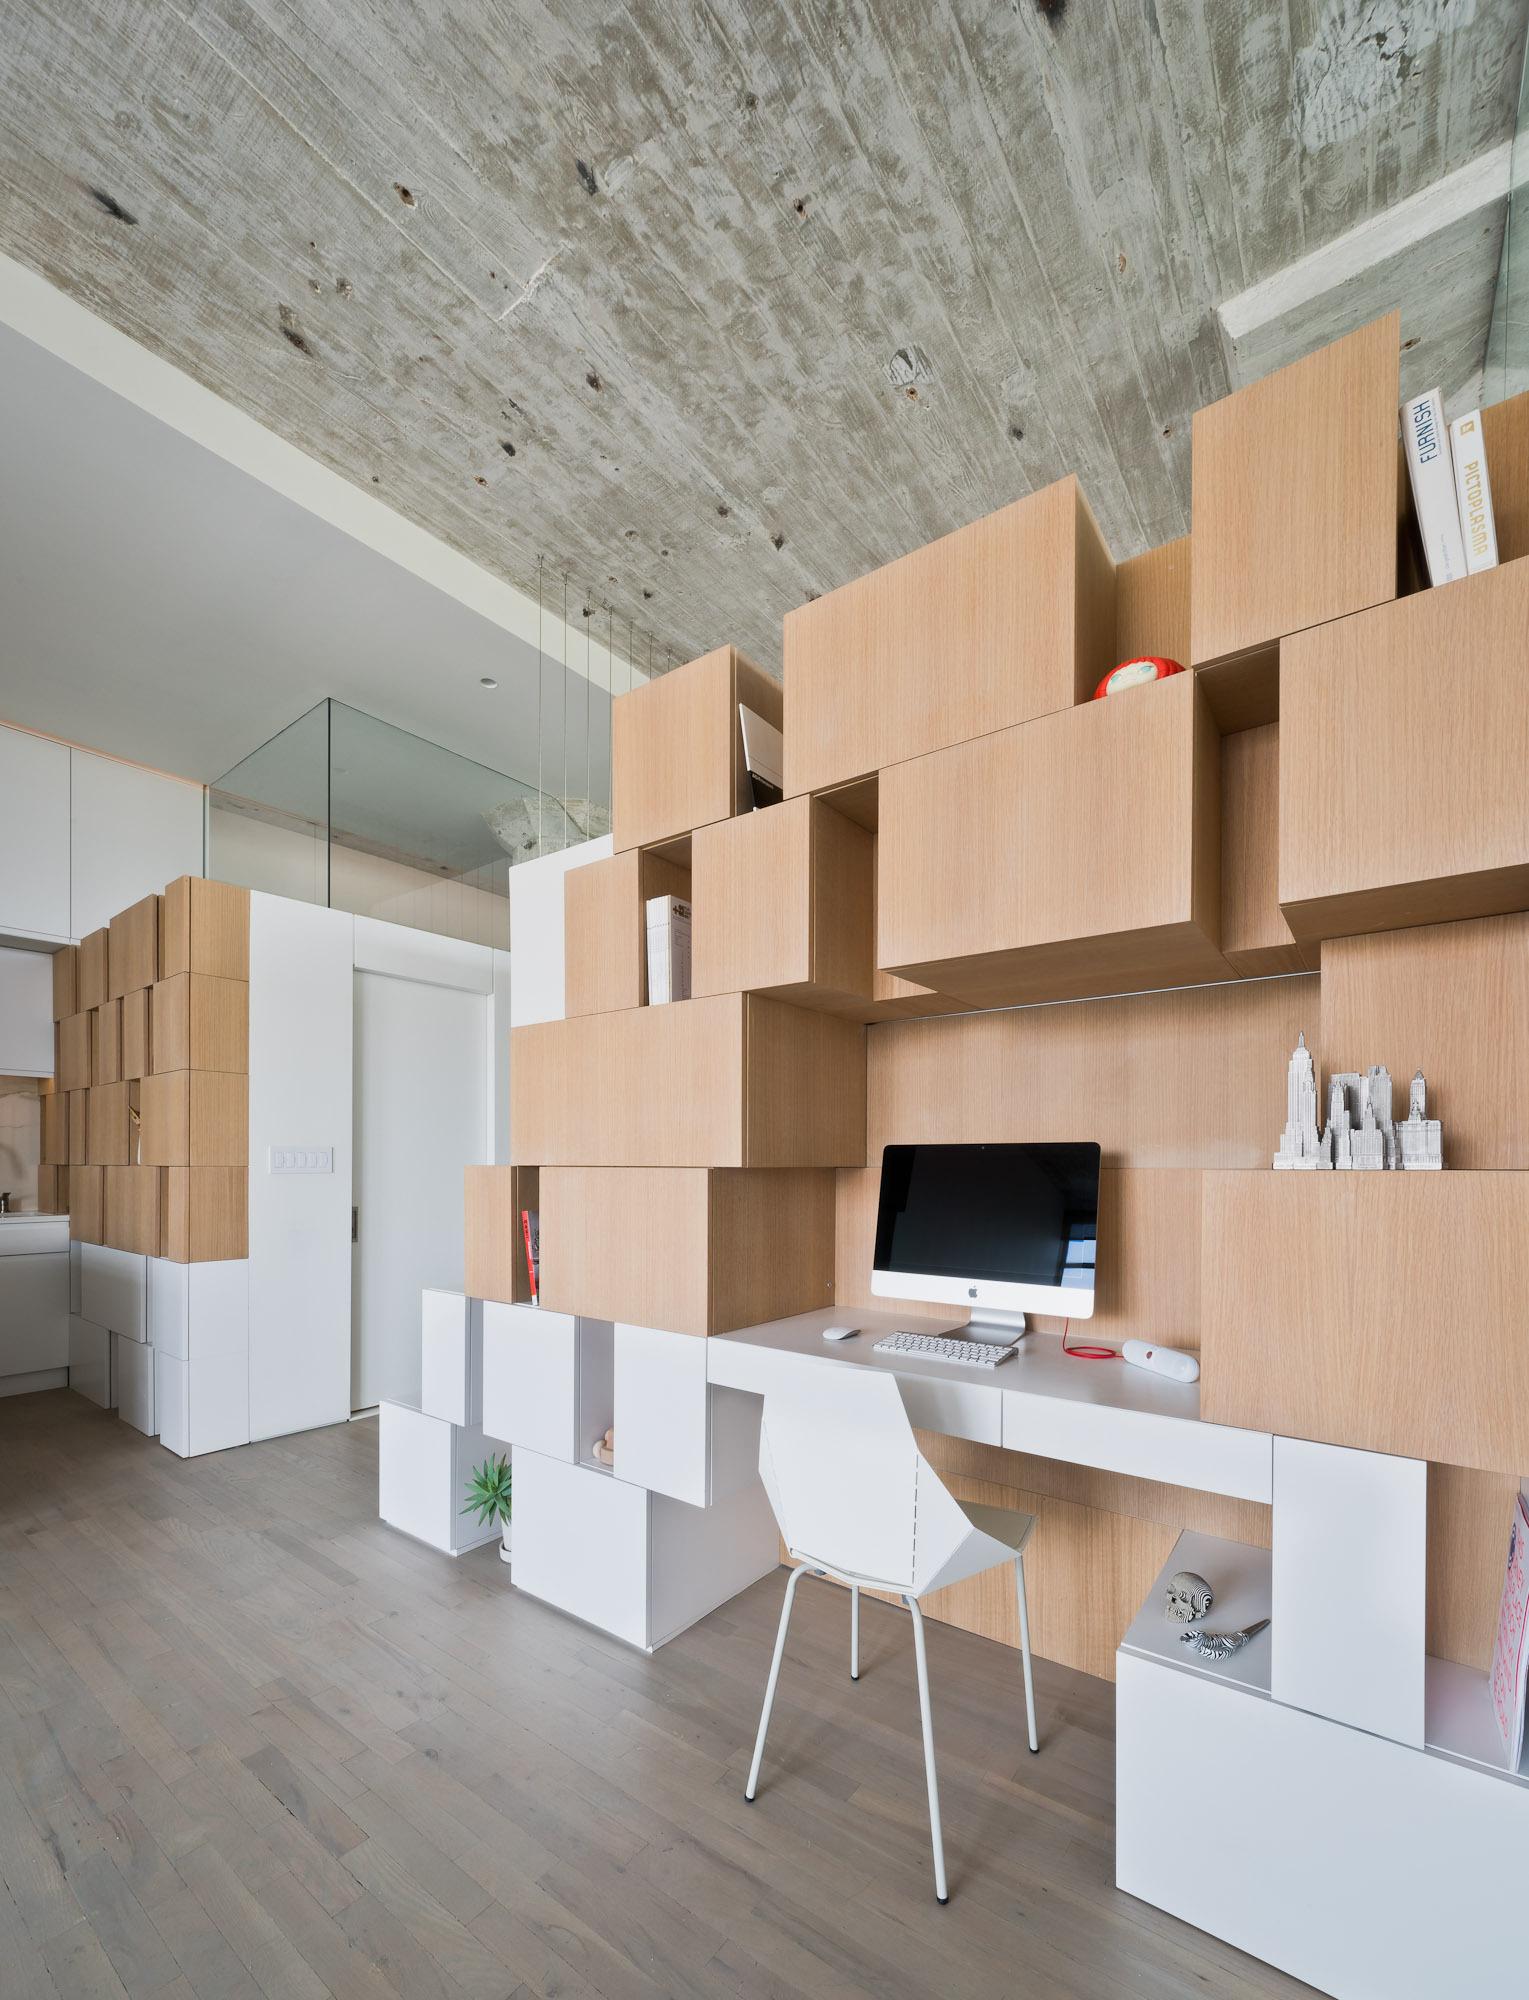 Doehler / Sabo Project (11)